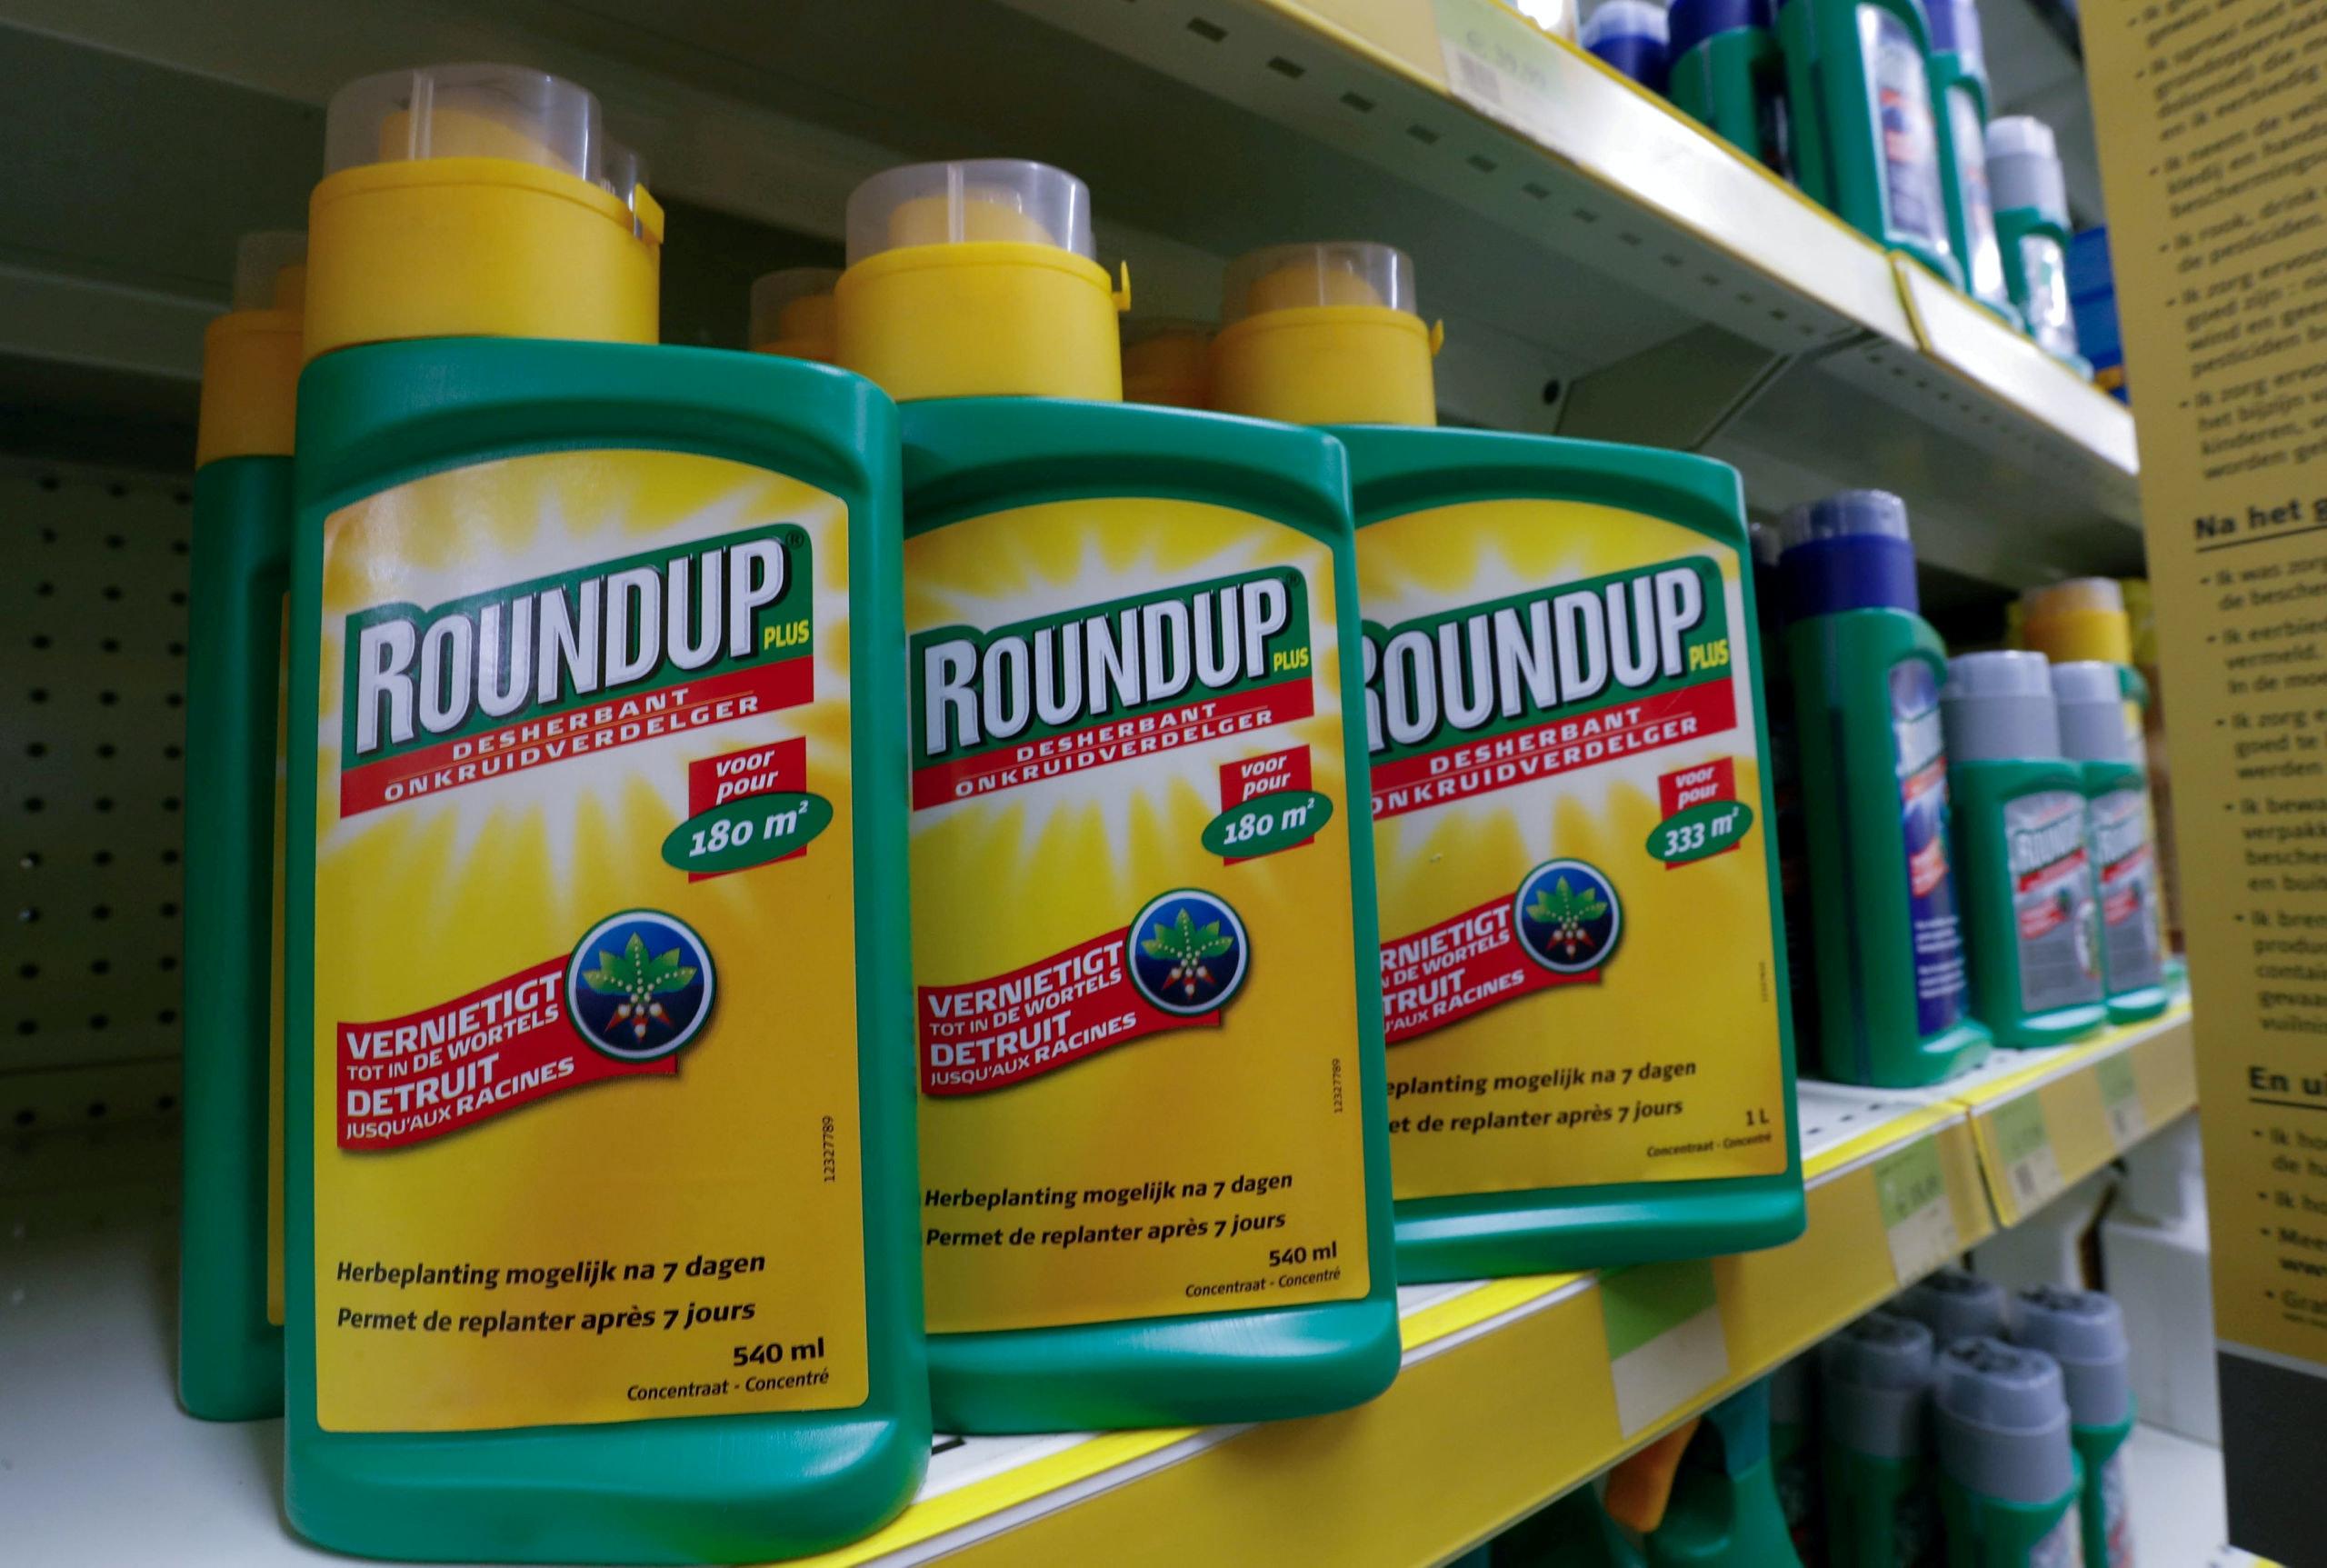 Californische rechtbank bevestigt schuld Bayer, maar schadevergoeding gaat omlaag